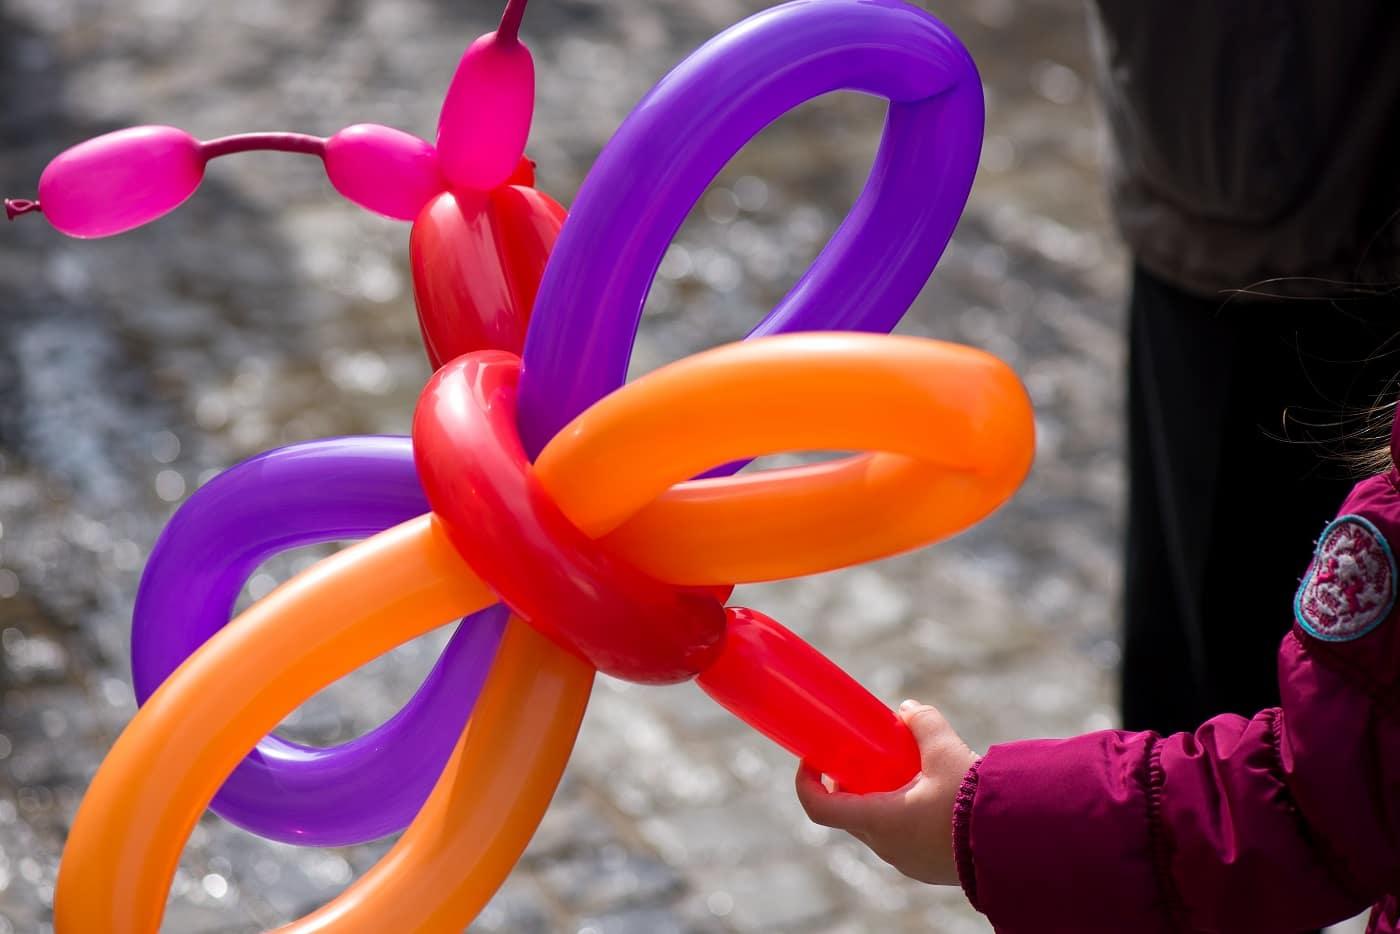 Ballon Sculpture